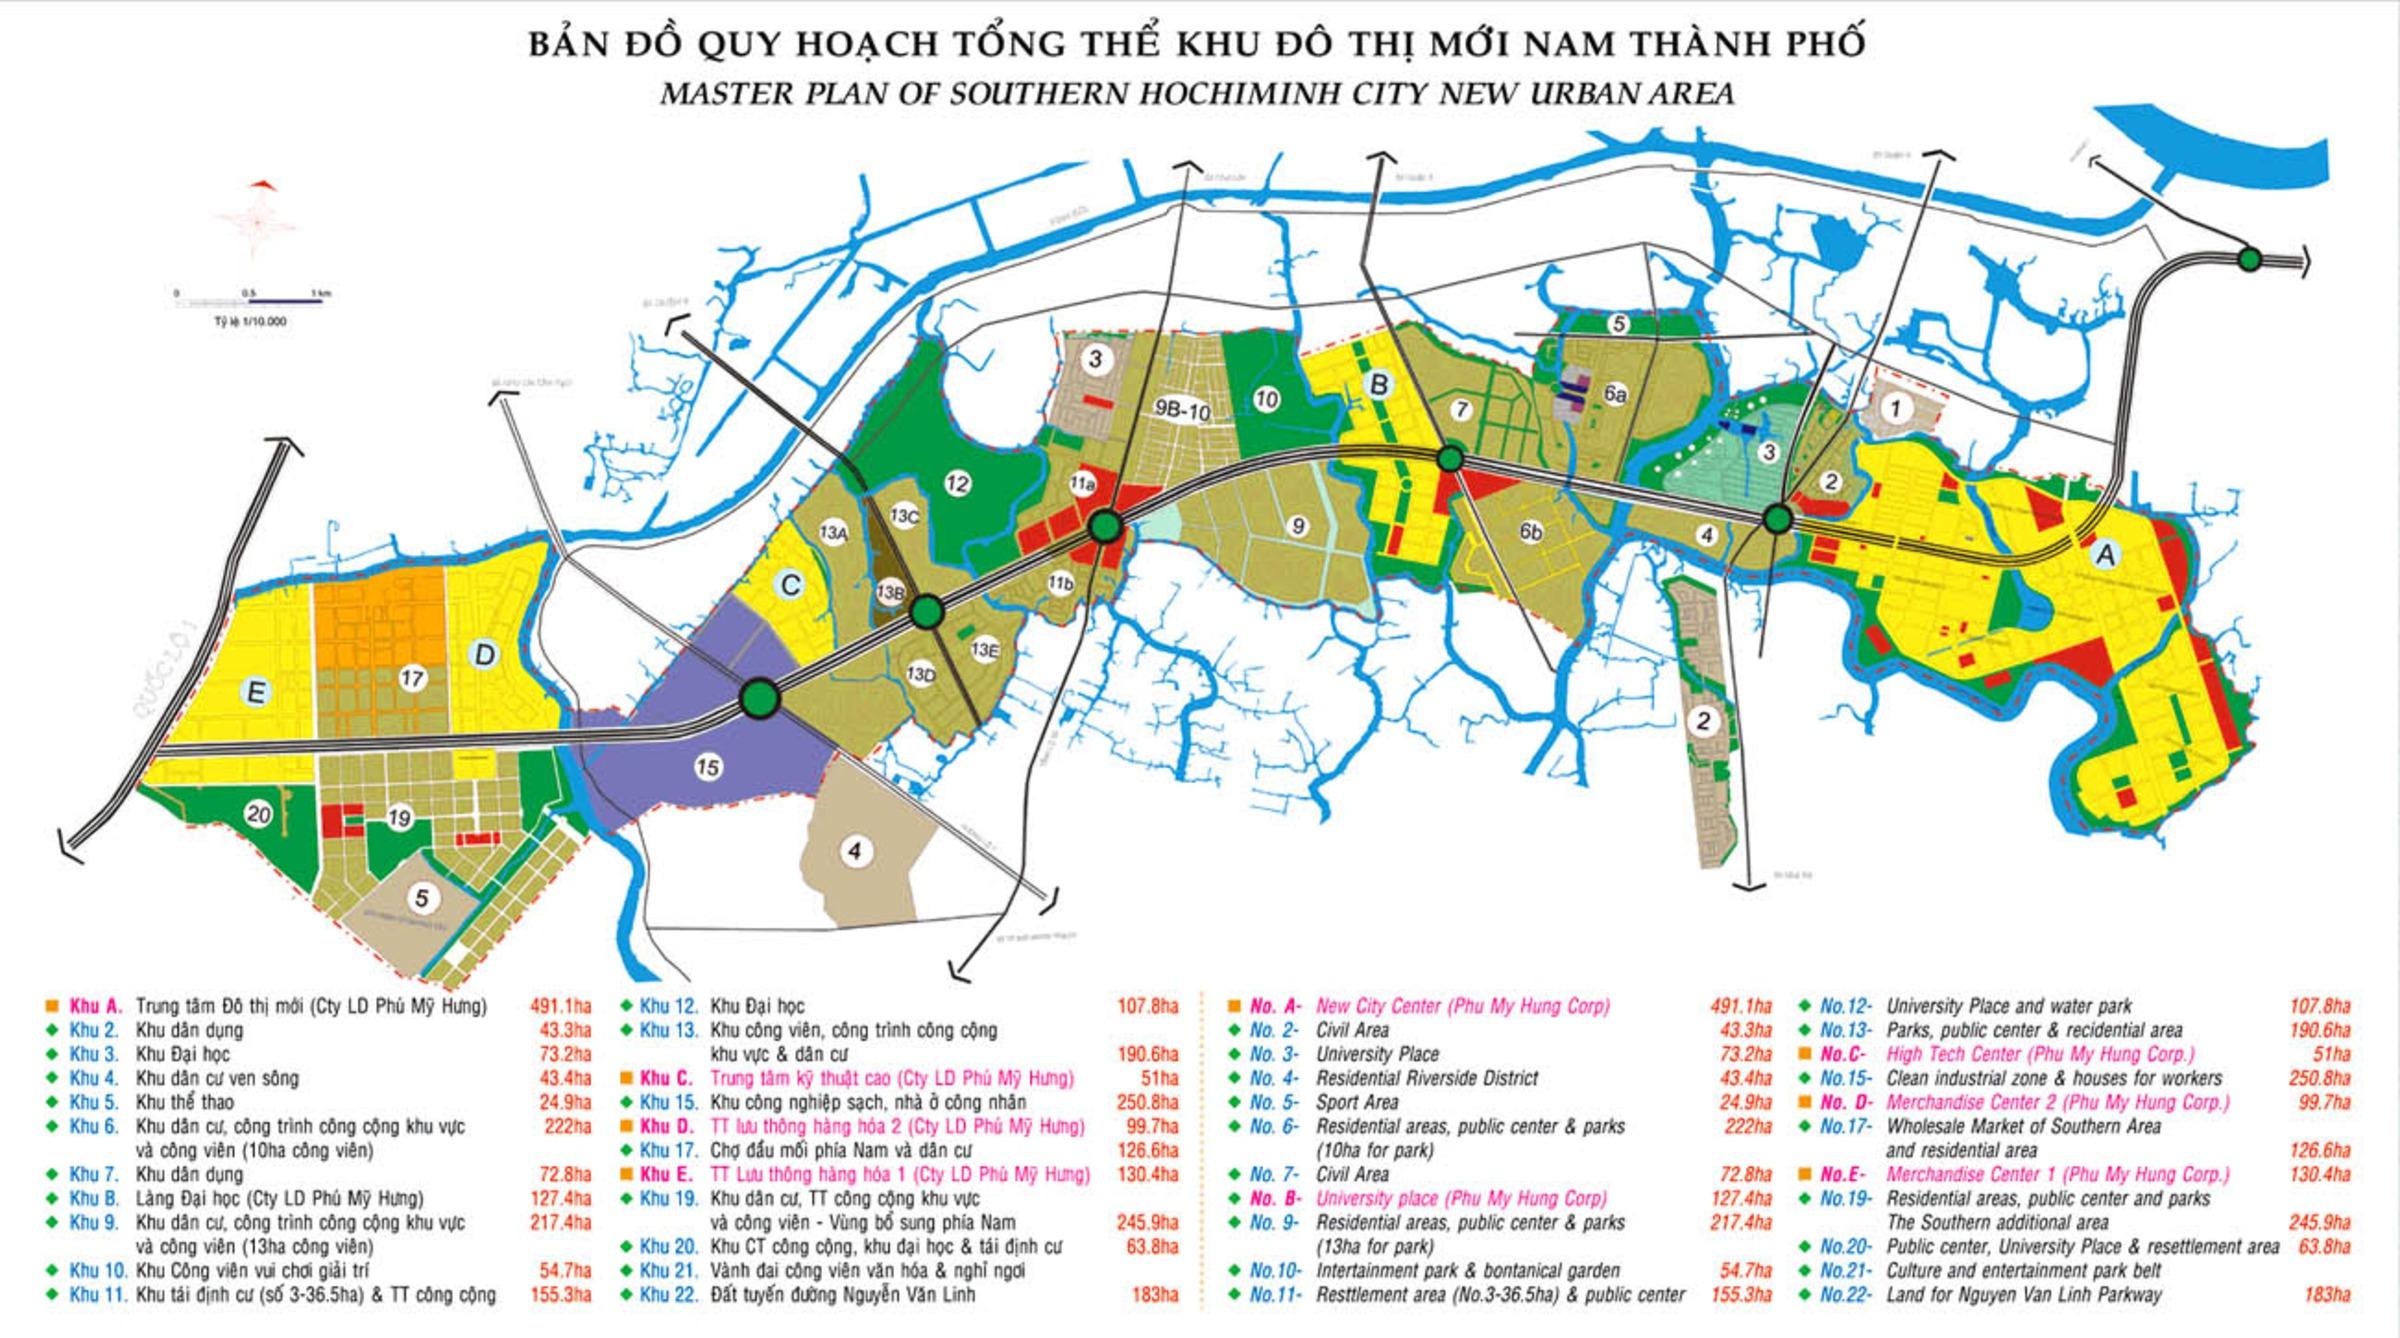 Bến xe Miền Tây mới sẽ được xây dựng tại khu E - Nam Sài Gòn